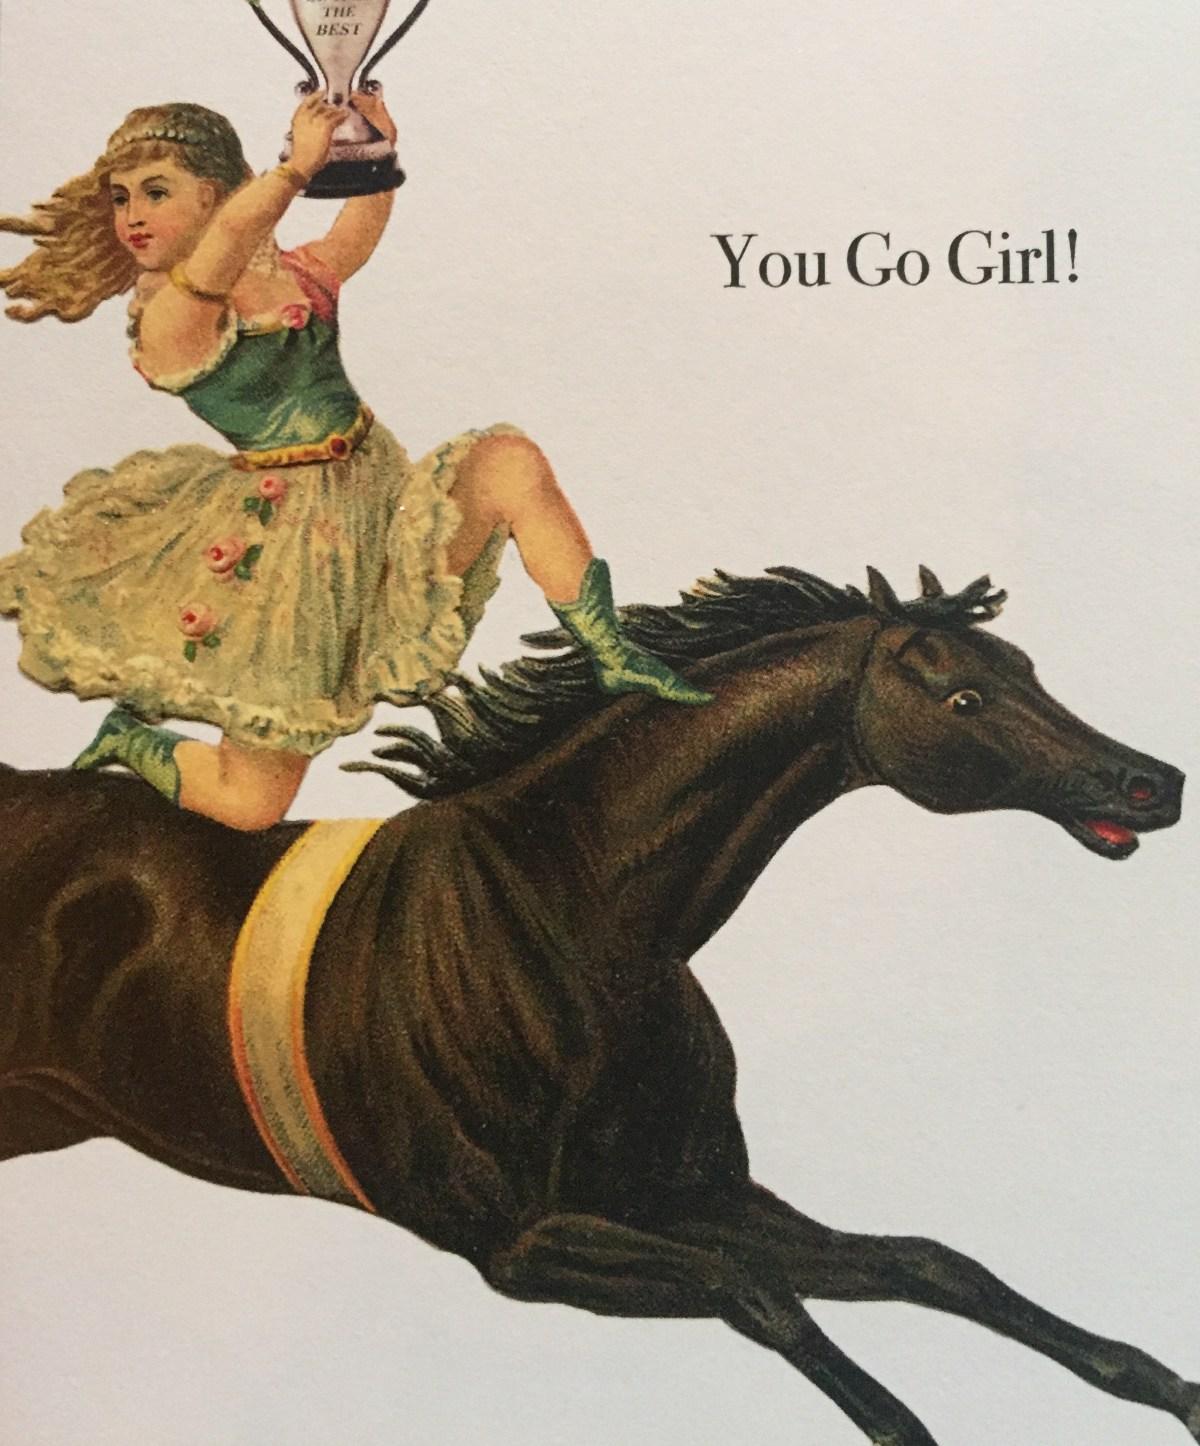 go-girl-card-artefacthome